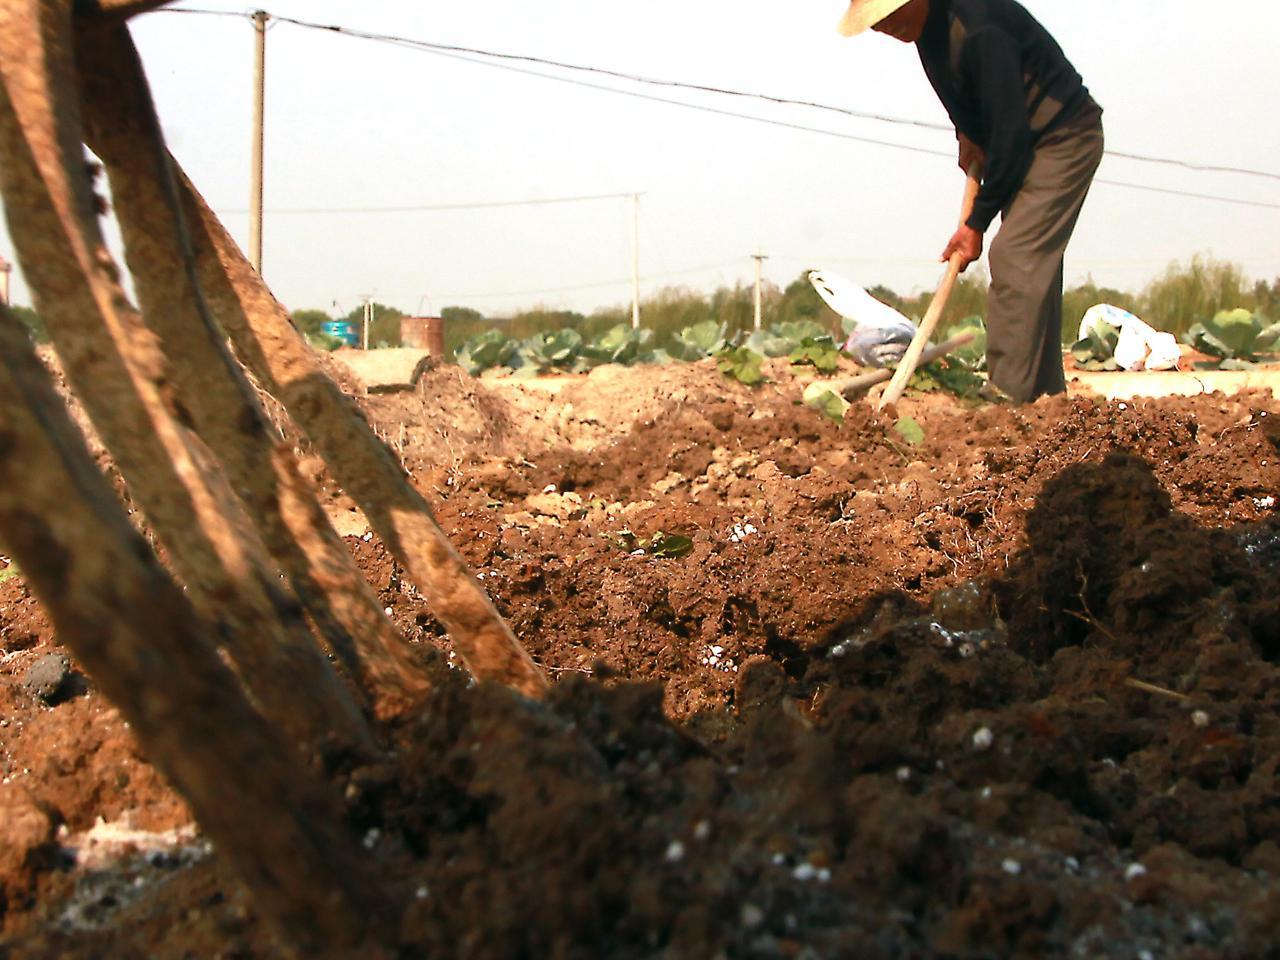 Agricoltura: in arrivo un database per i Paesi con scarsità d'acqua